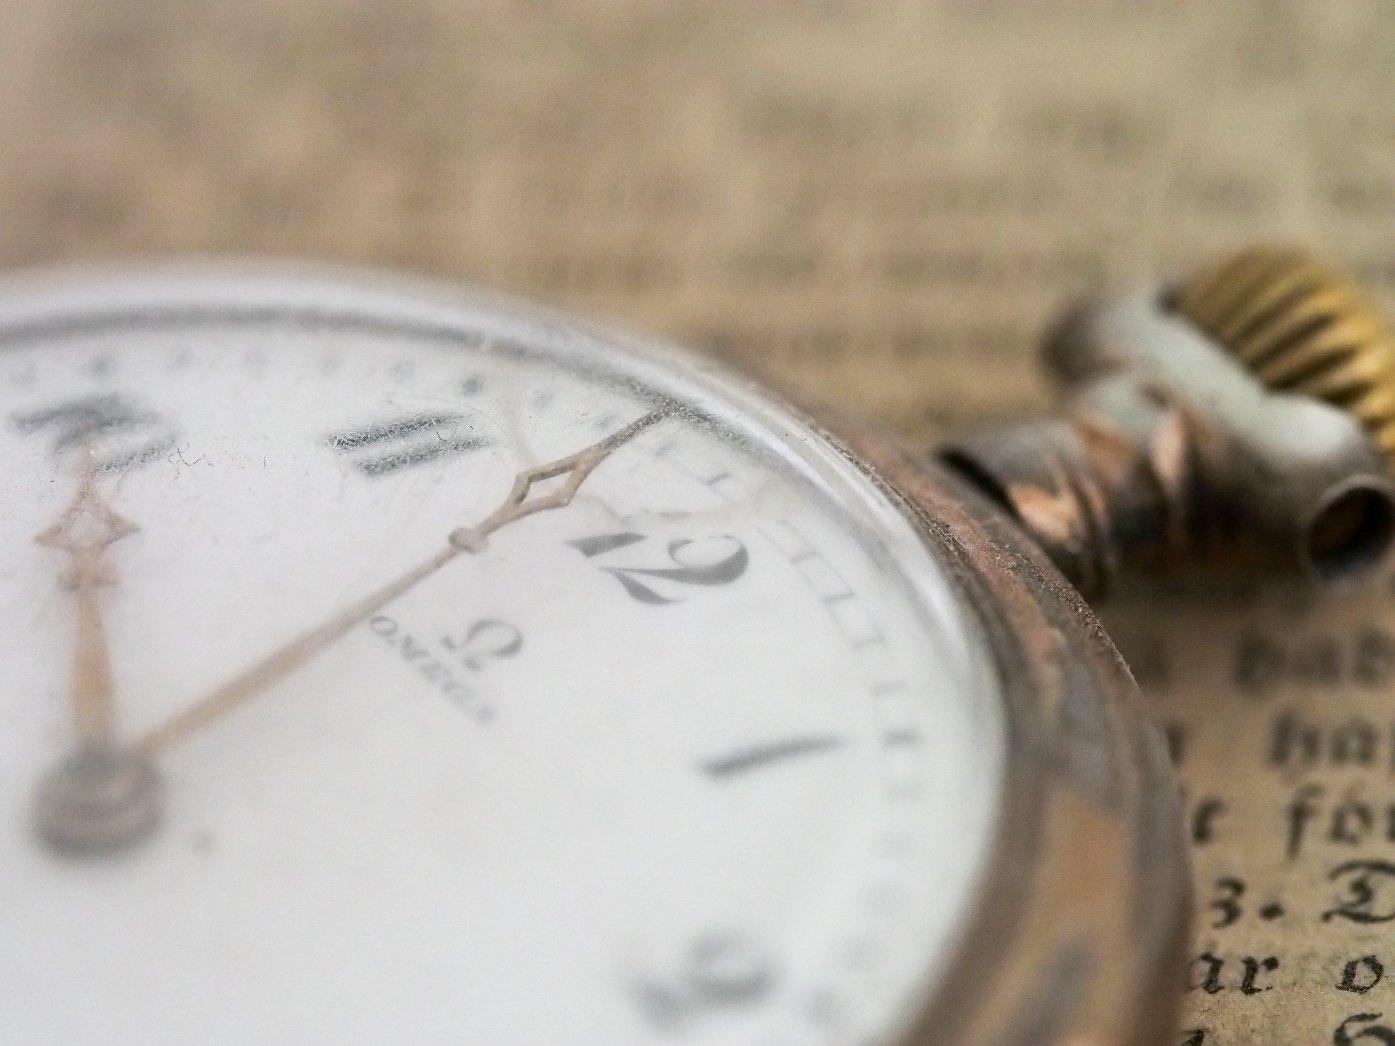 Gestion Du Temps De Travail Des Salaries Duree Legale 2018